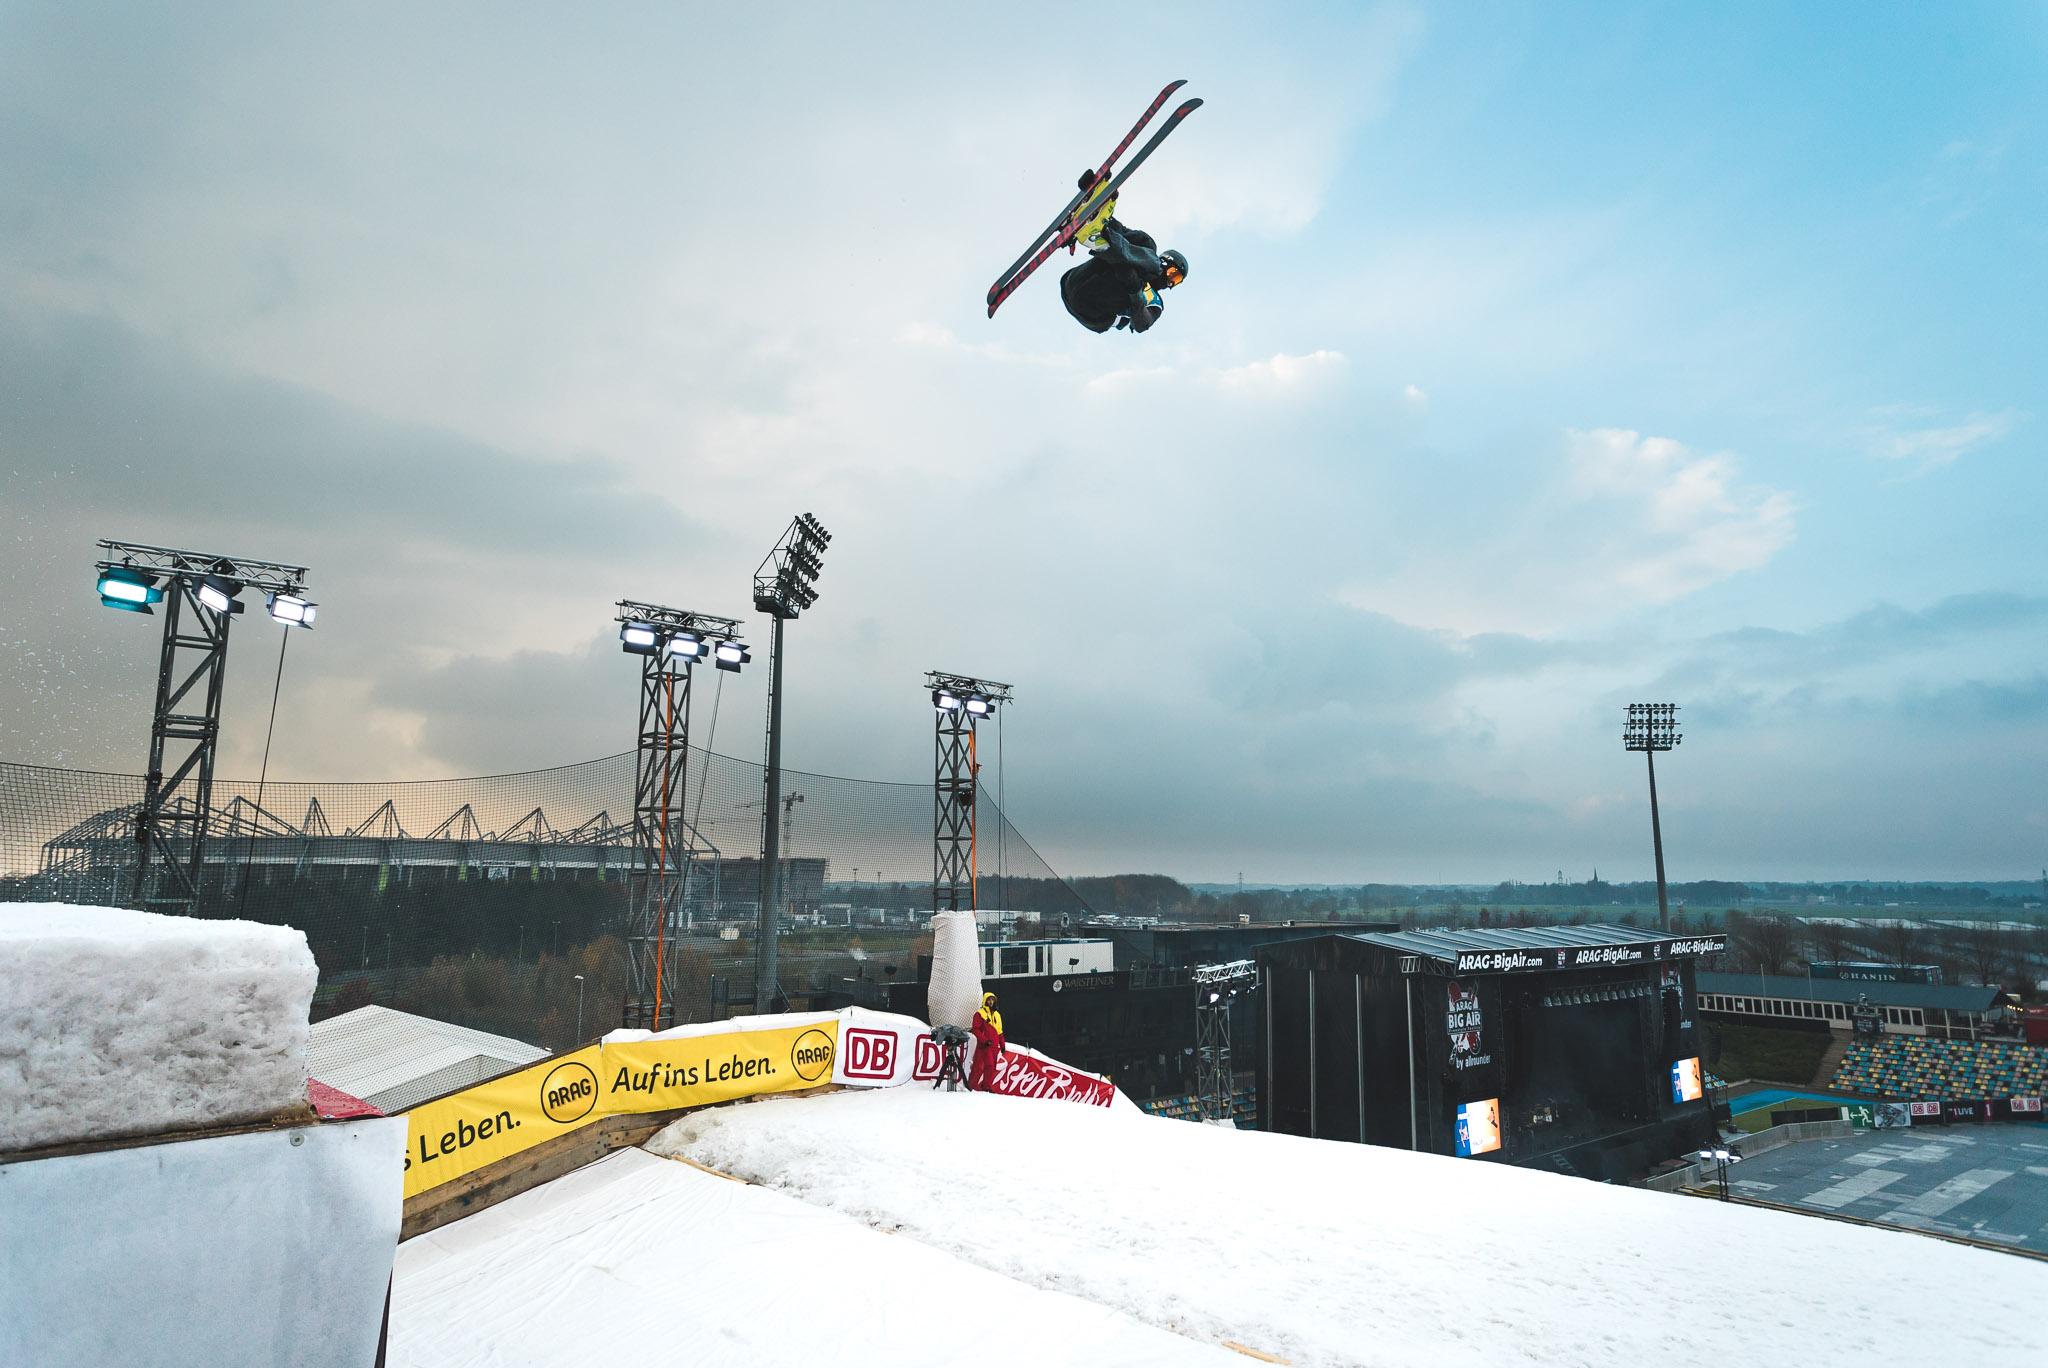 Der Big Air Contest in Mönchengladbach war für einige junge deutsche Nachwuchsrider eine gute Chance, um erste Weltcup Erfahrung zu sammeln - Rider: Leo Beck